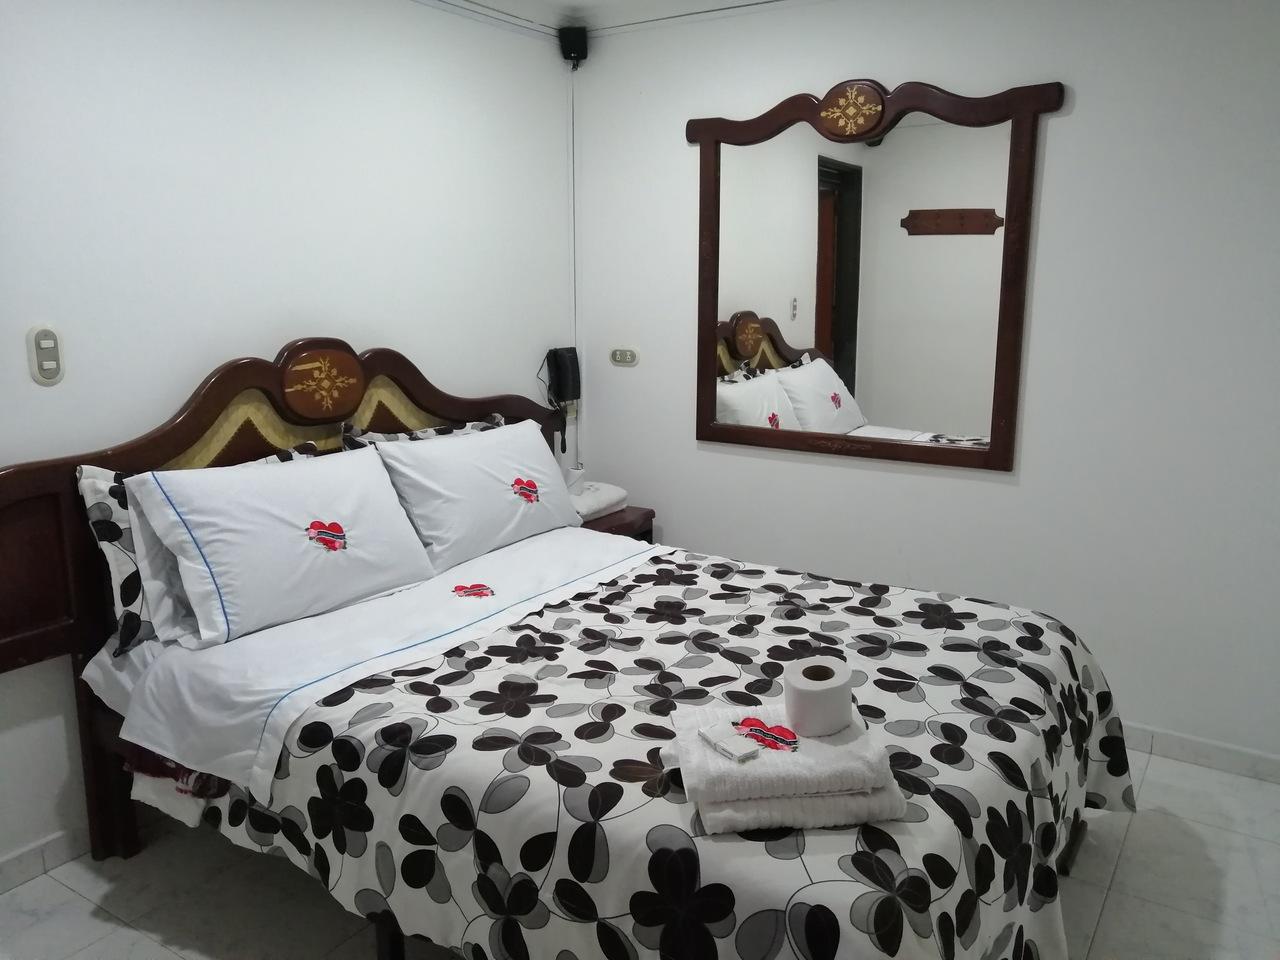 Habitación Sencilla en Risort Suite : MotelNow